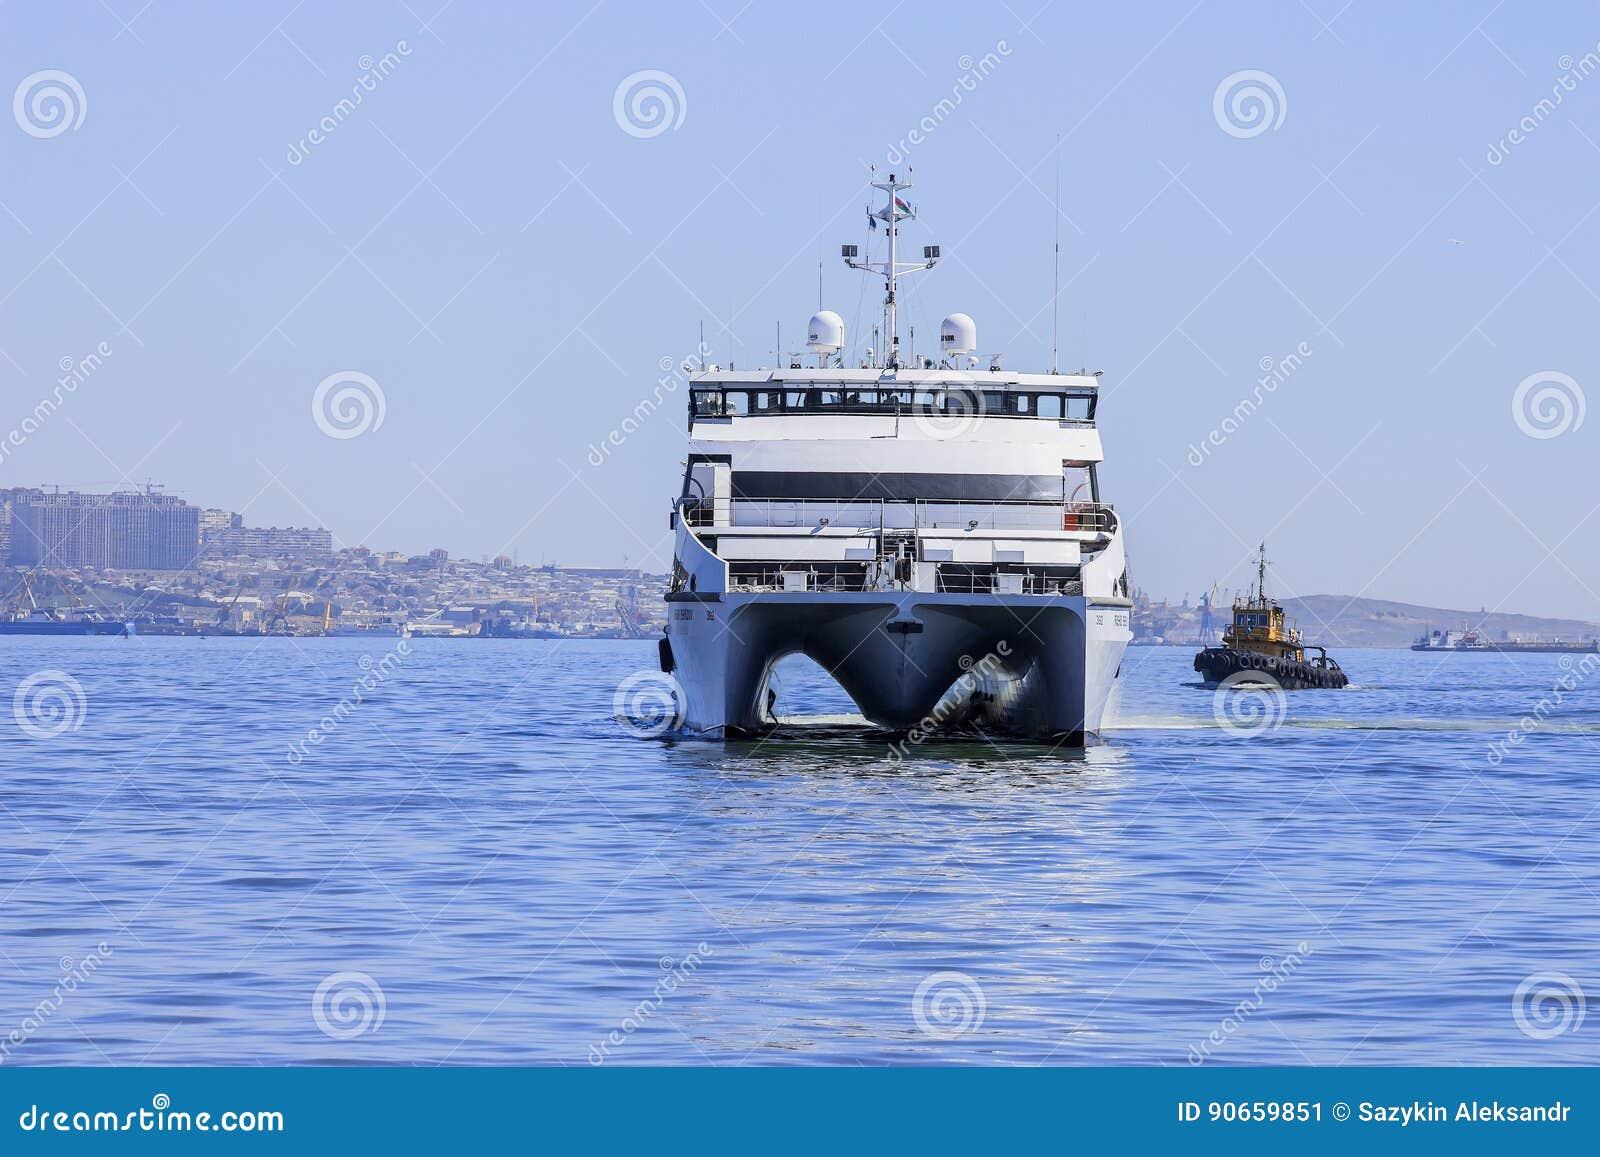 Έξοδος από το λιμένα του Μπακού στο σκάφος ` reshid Behbudov `, η Δημοκρατία του Αζερμπαϊτζάν Κασπιών Θάλασσα, στις 29 Μαρτίου 20